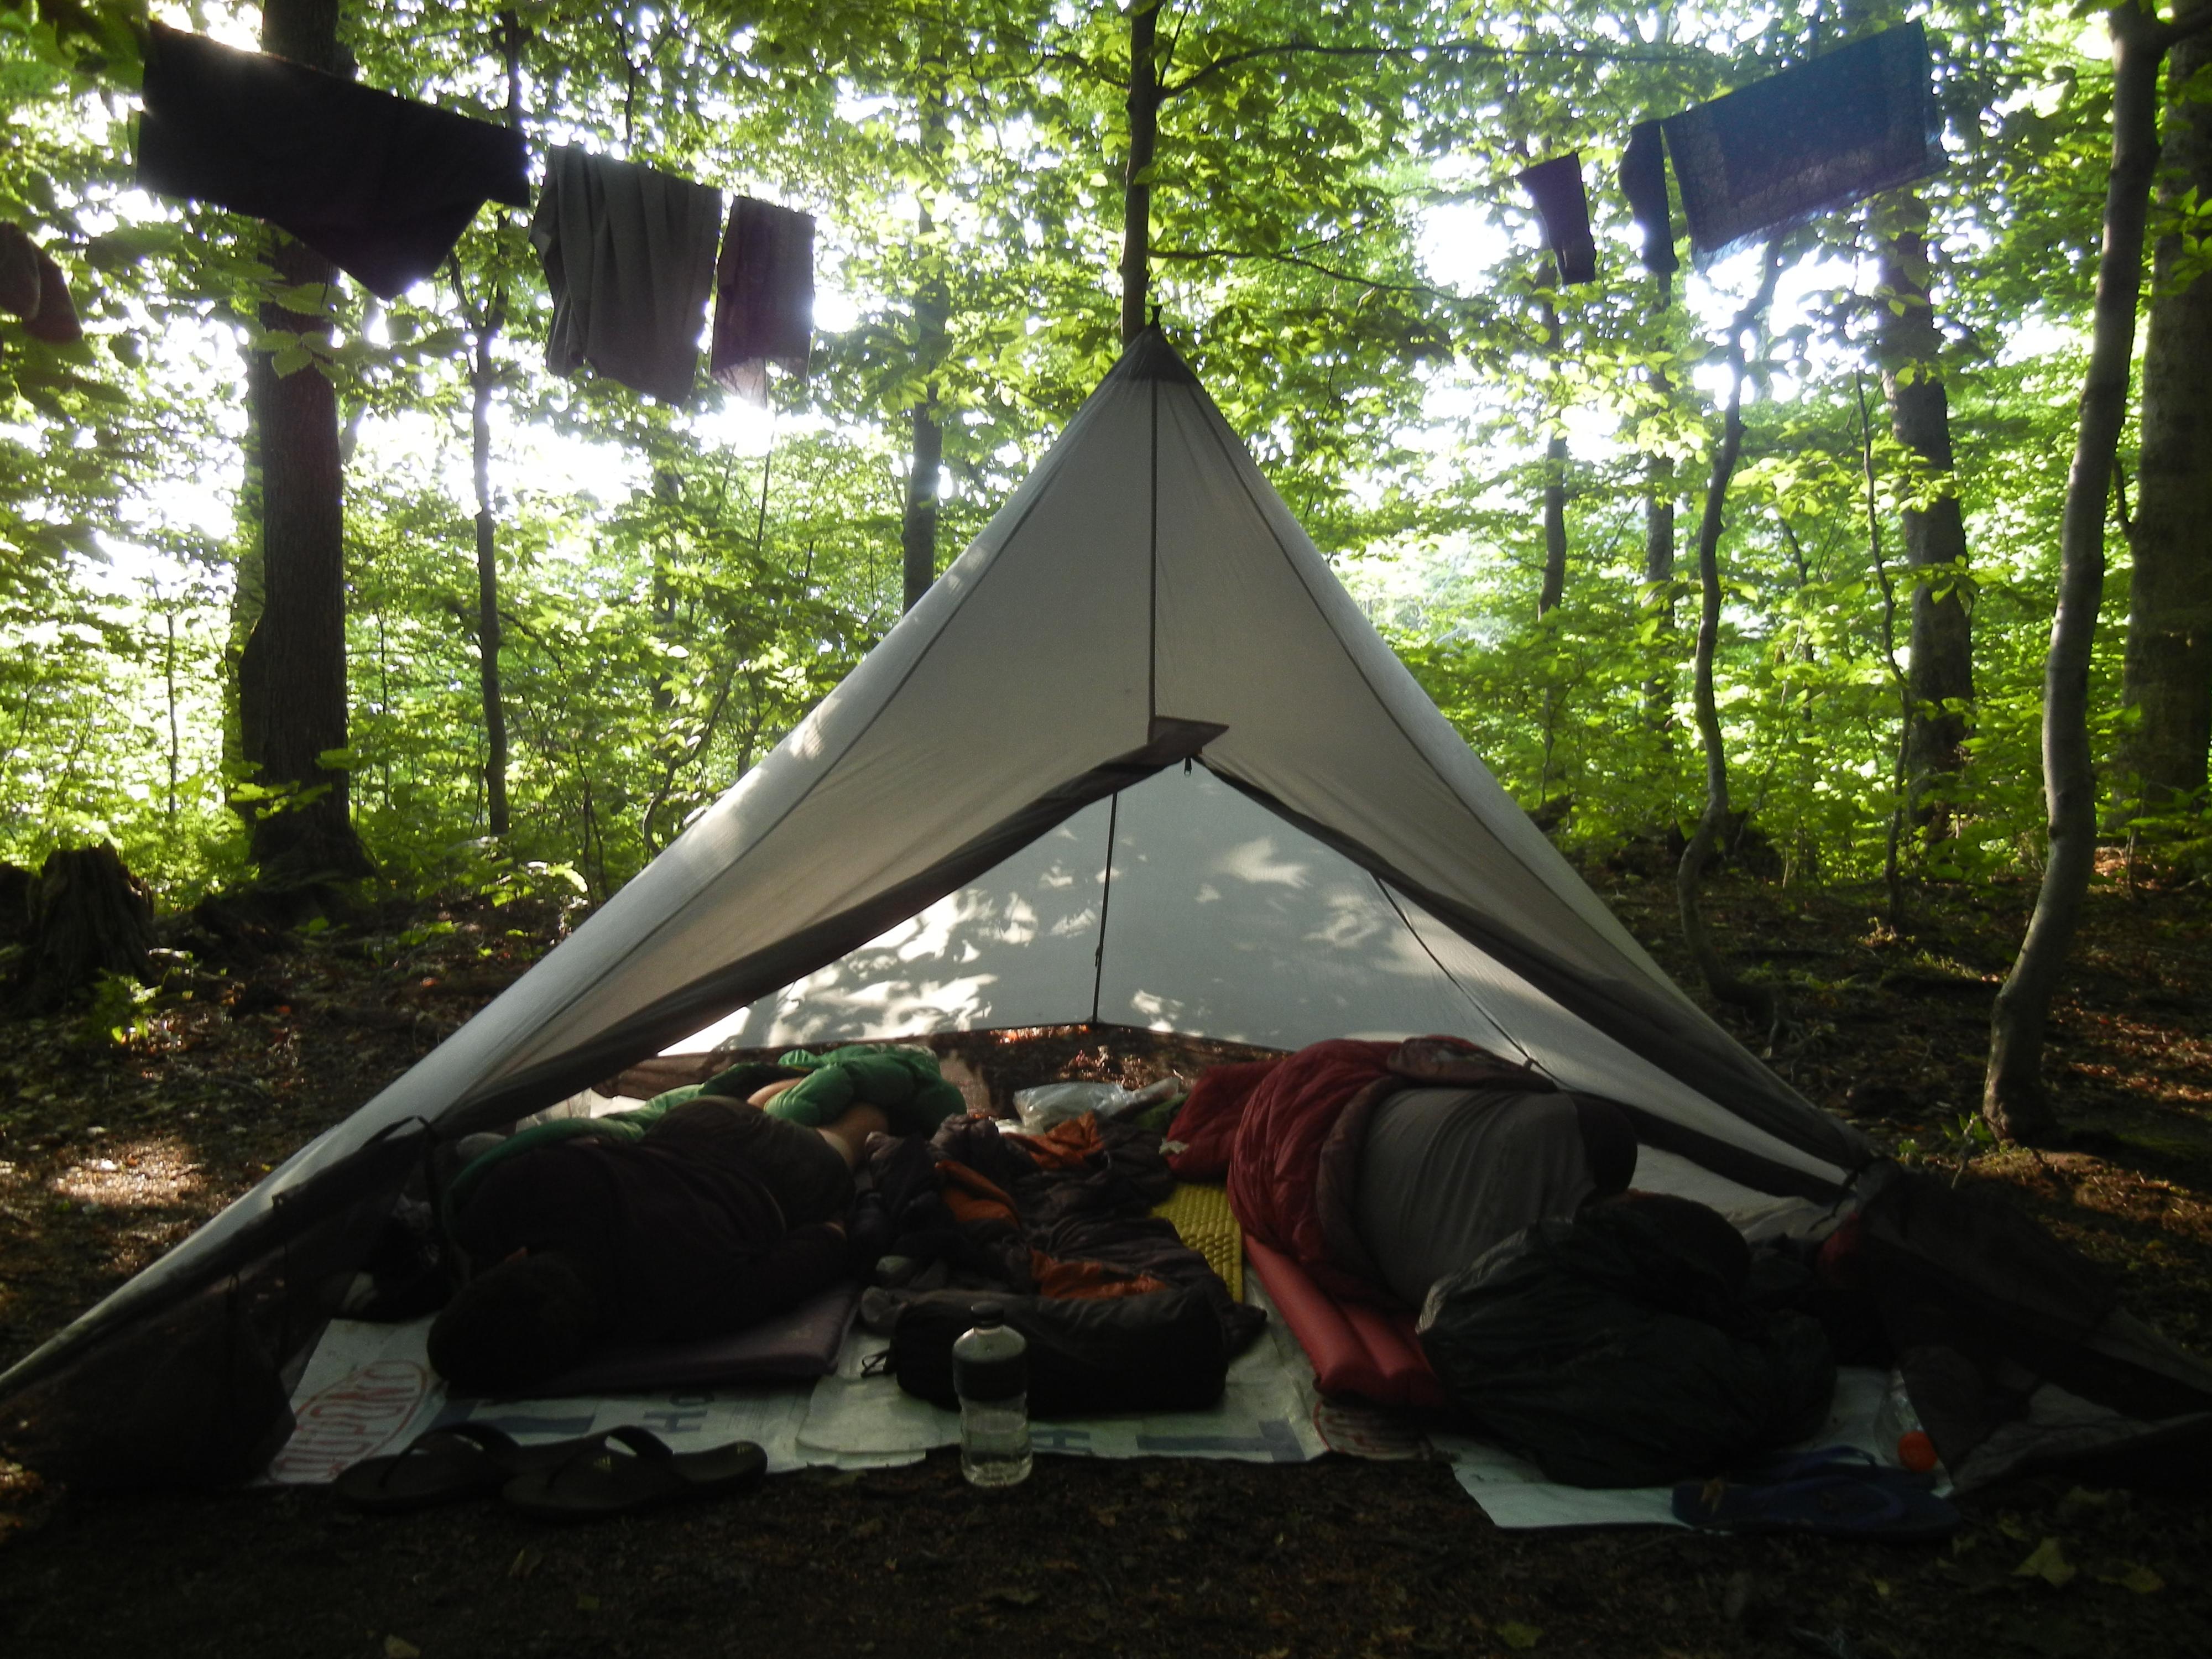 DSCN4537 pyramid DSCN5792 DSCN5787 DSCN4817 & thru hike tent | Oware